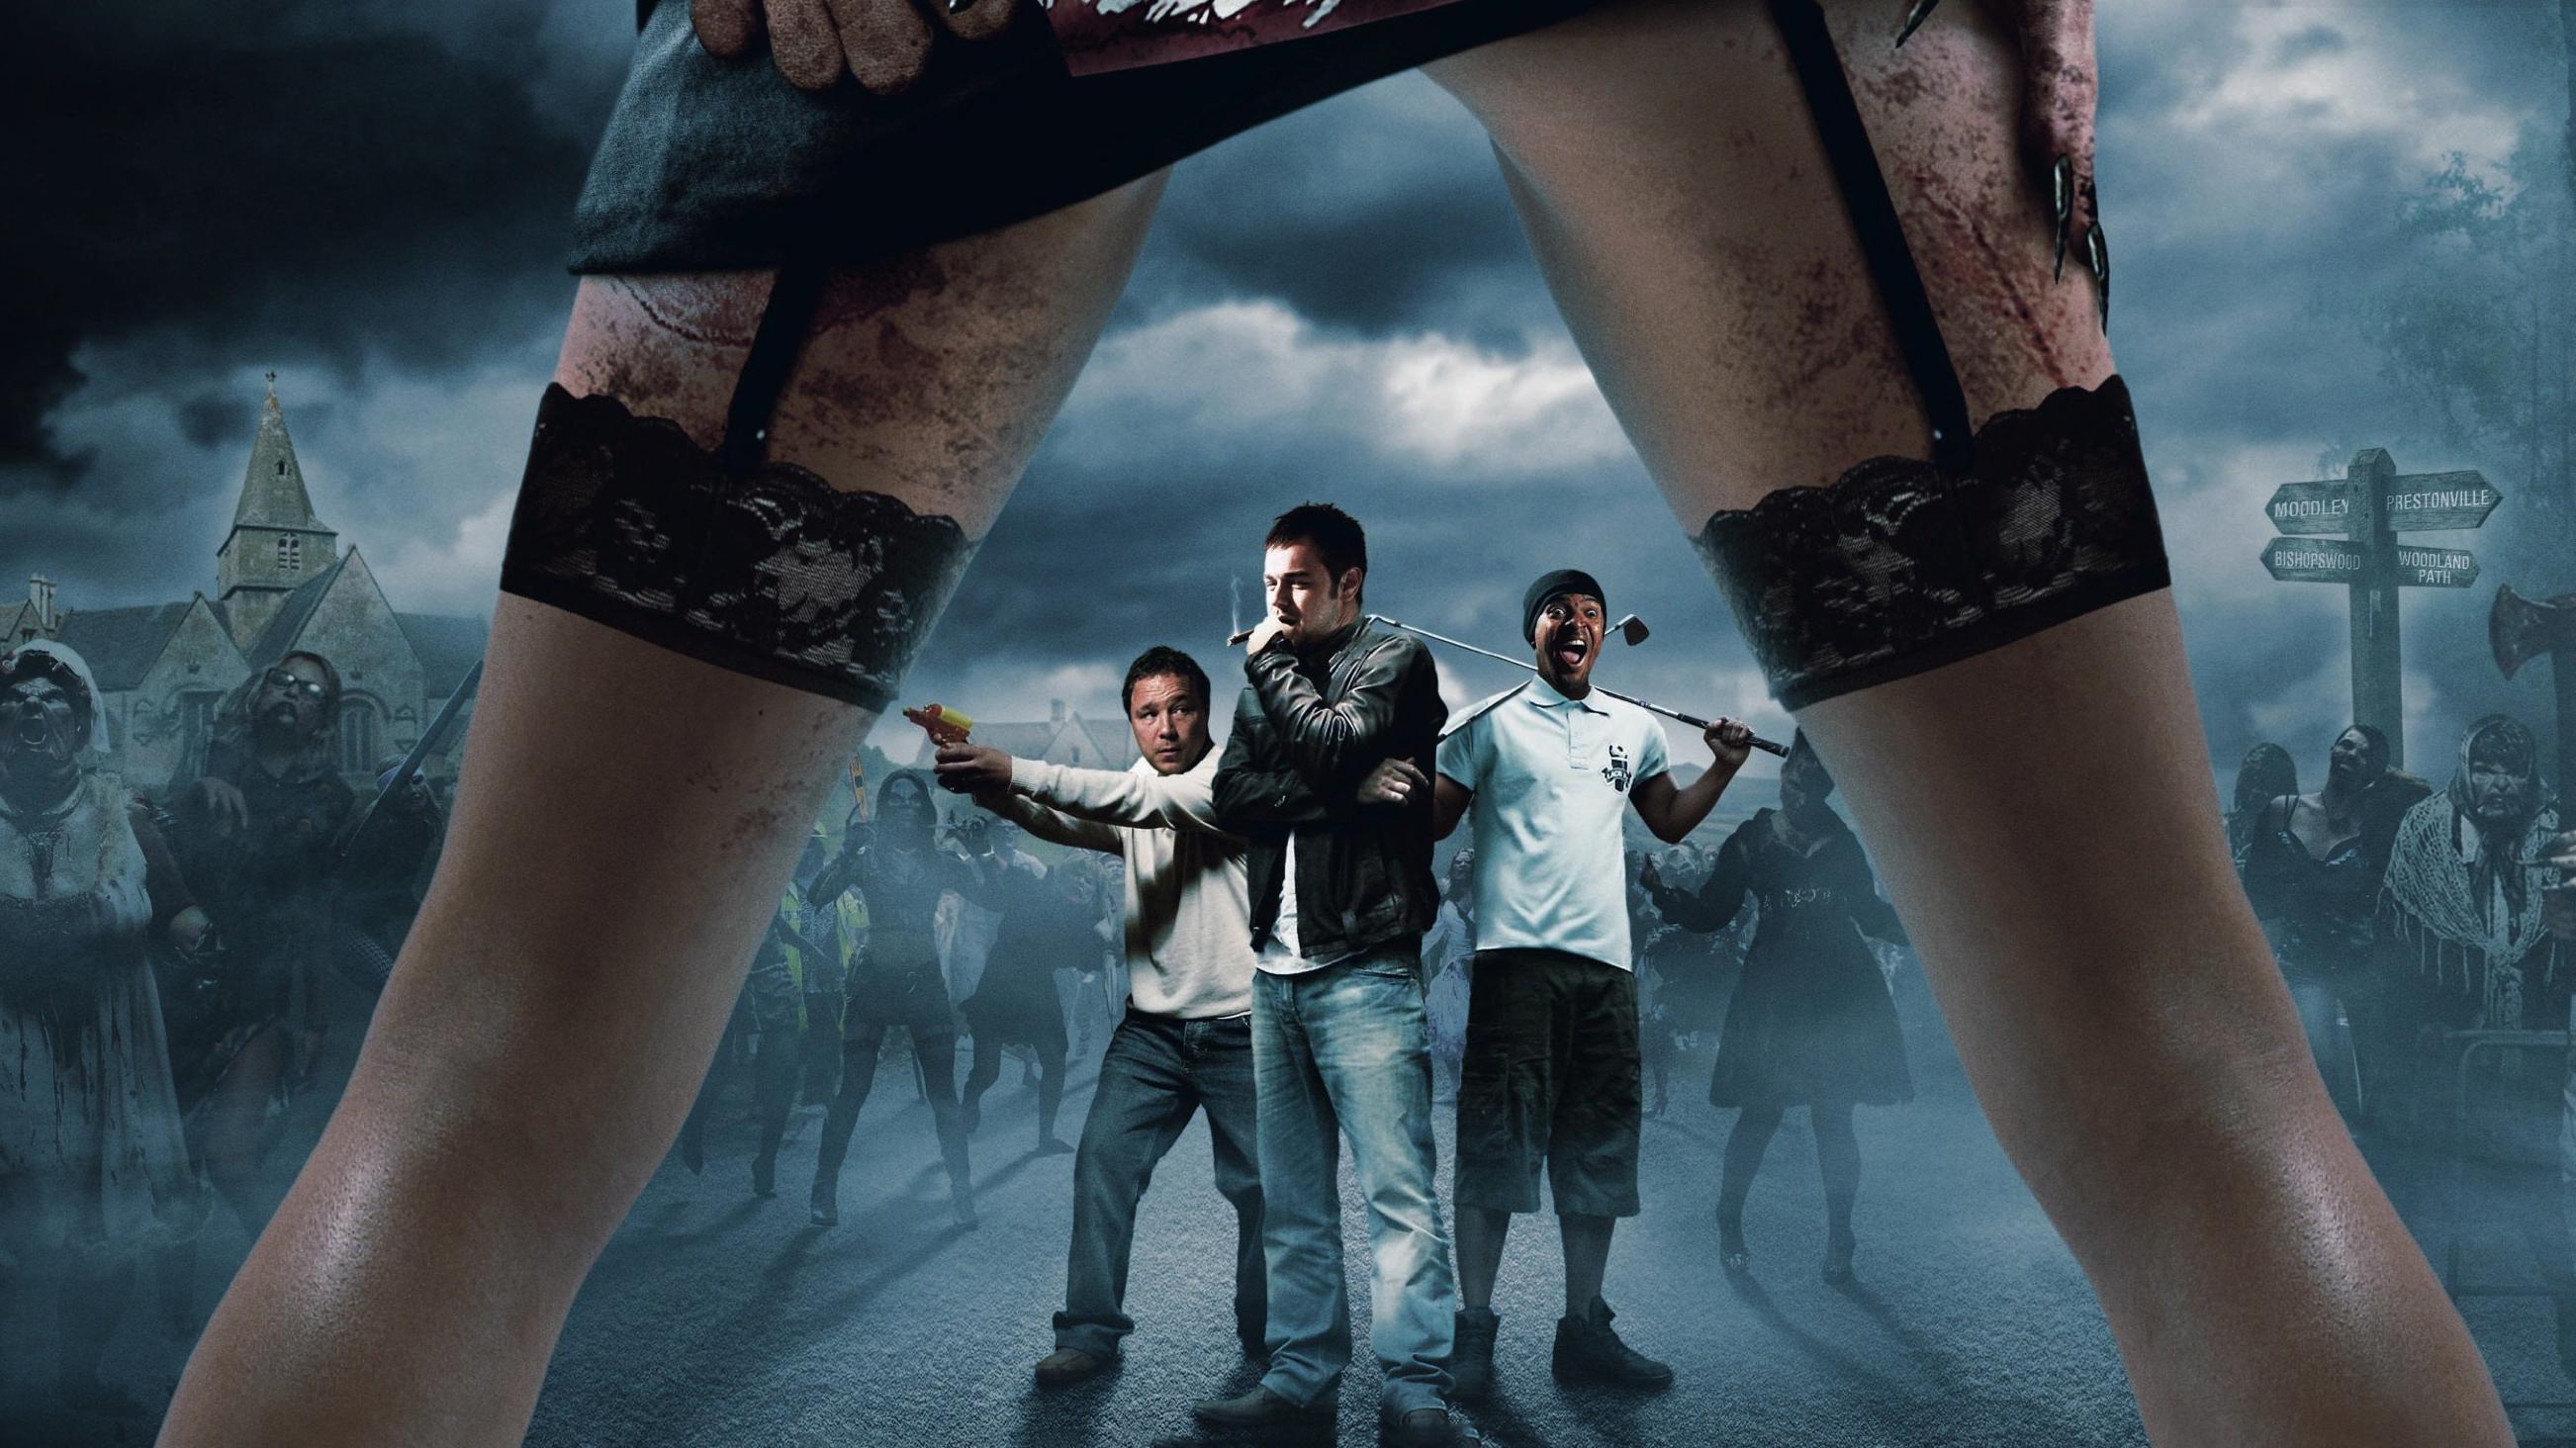 Попали doghouse 2009 режиссер джейк уэст смотреть онлайн